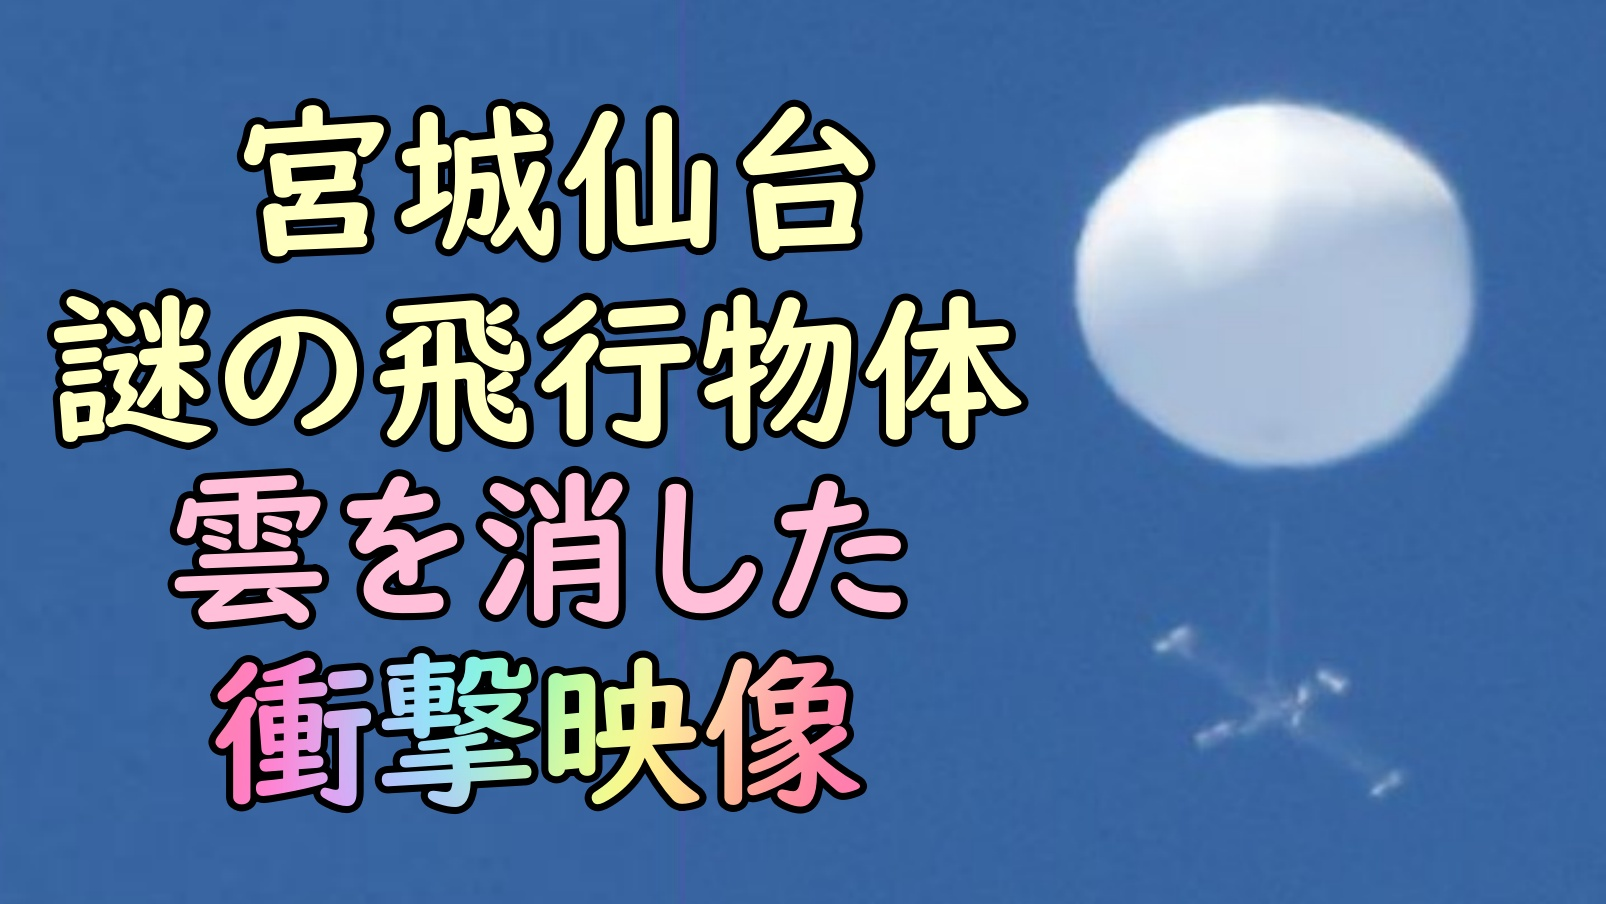 仙台上空 白い未確認飛行物体 雲